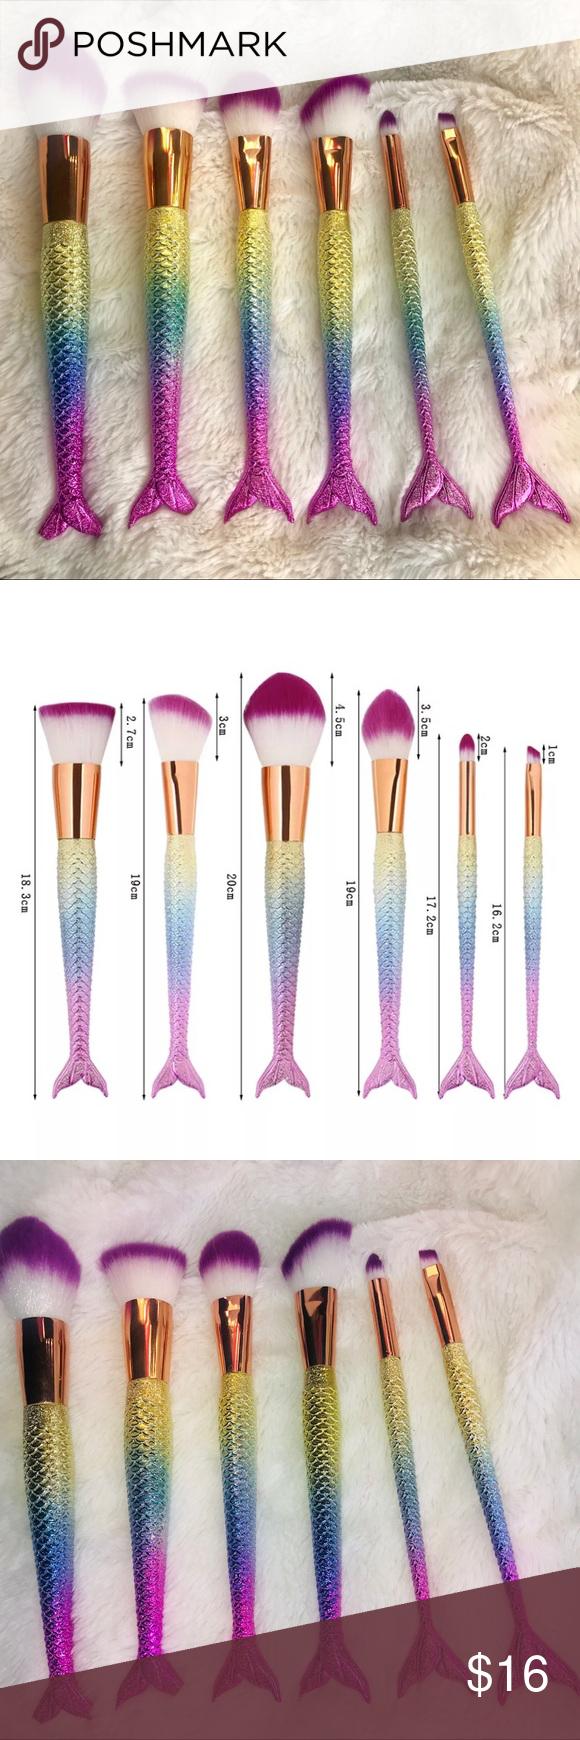 Brand new 6 Piece Mermaid Makeup Brushes • • Brand new